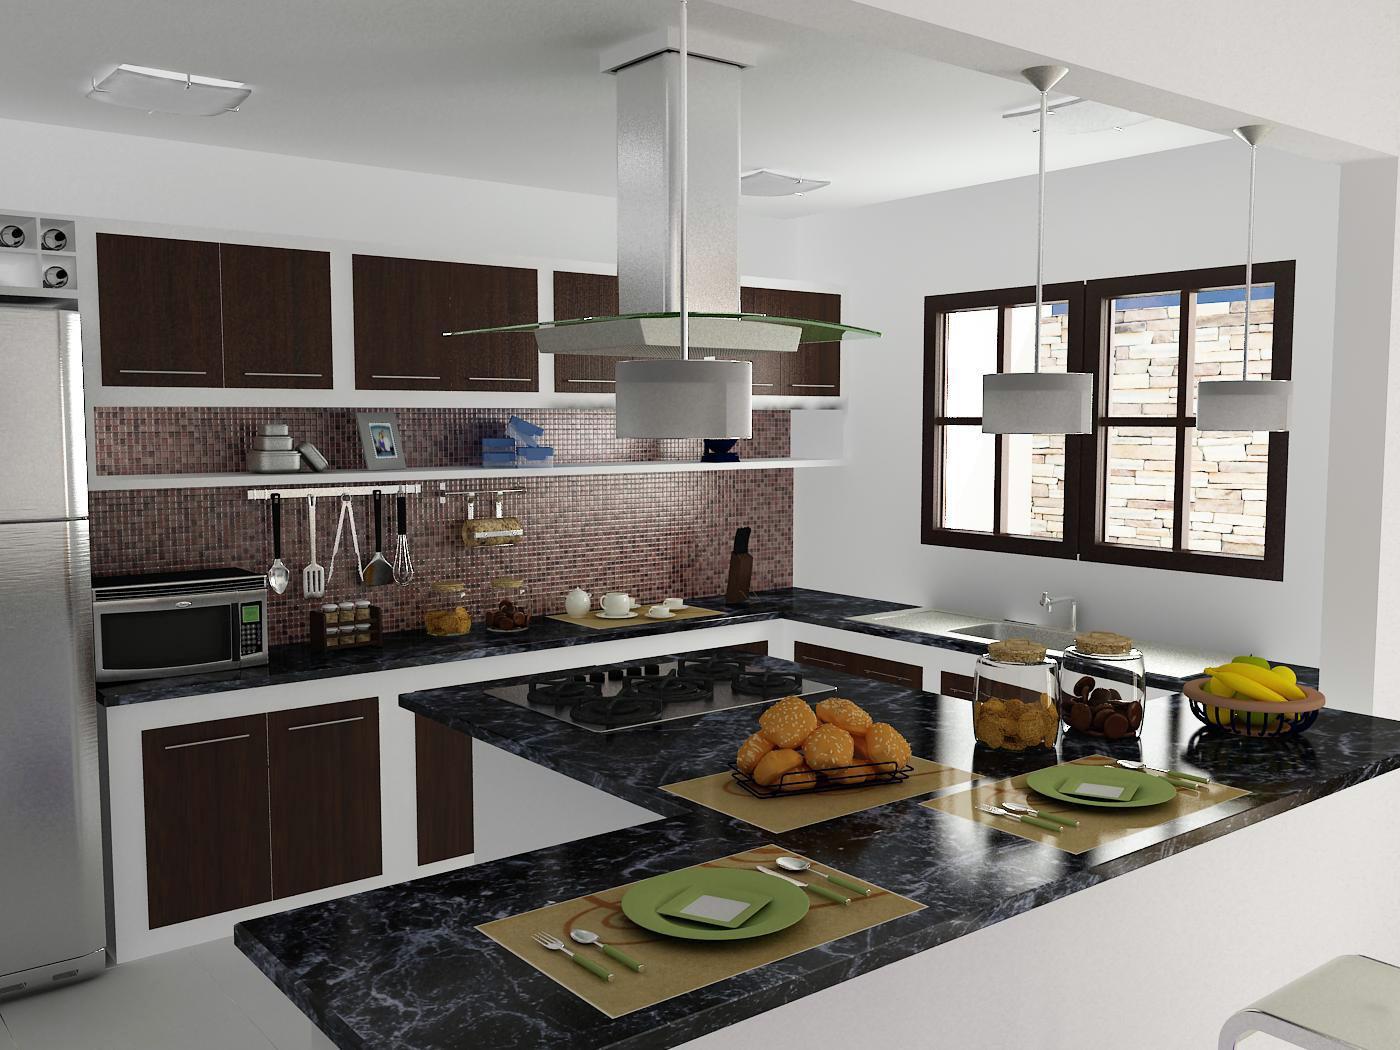 cozinha source http dindoarts blogspot com 2010 06 uma cozinha que #485F83 1400 1050